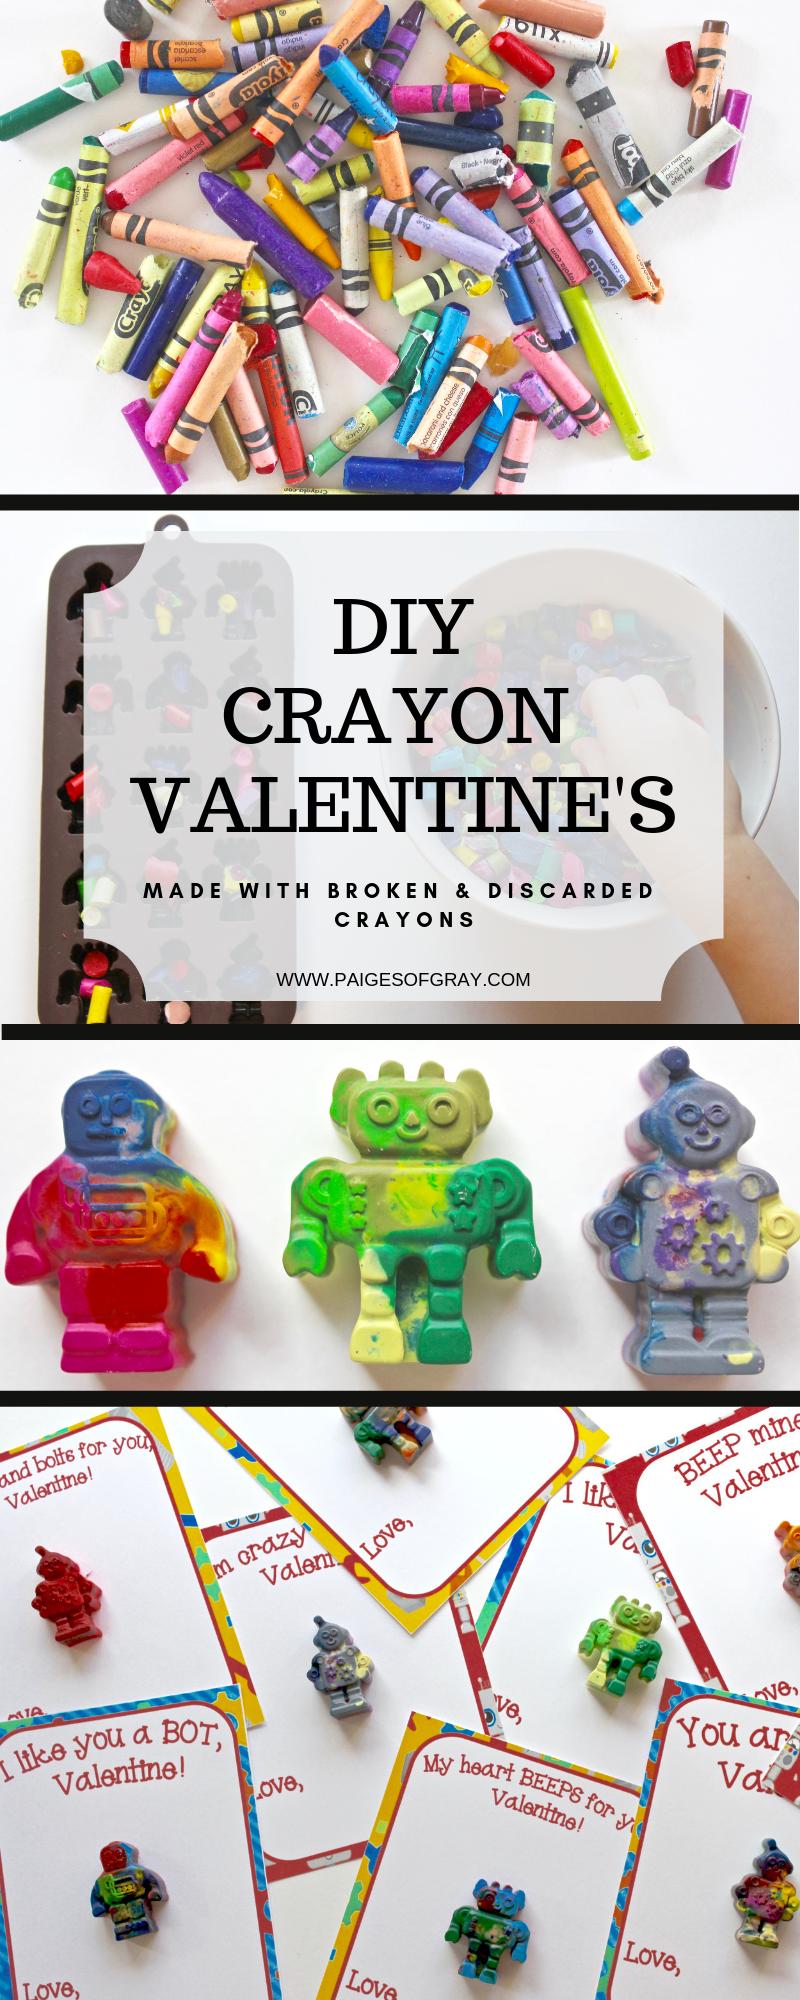 DIY CRAYON VALENTINE'S.png